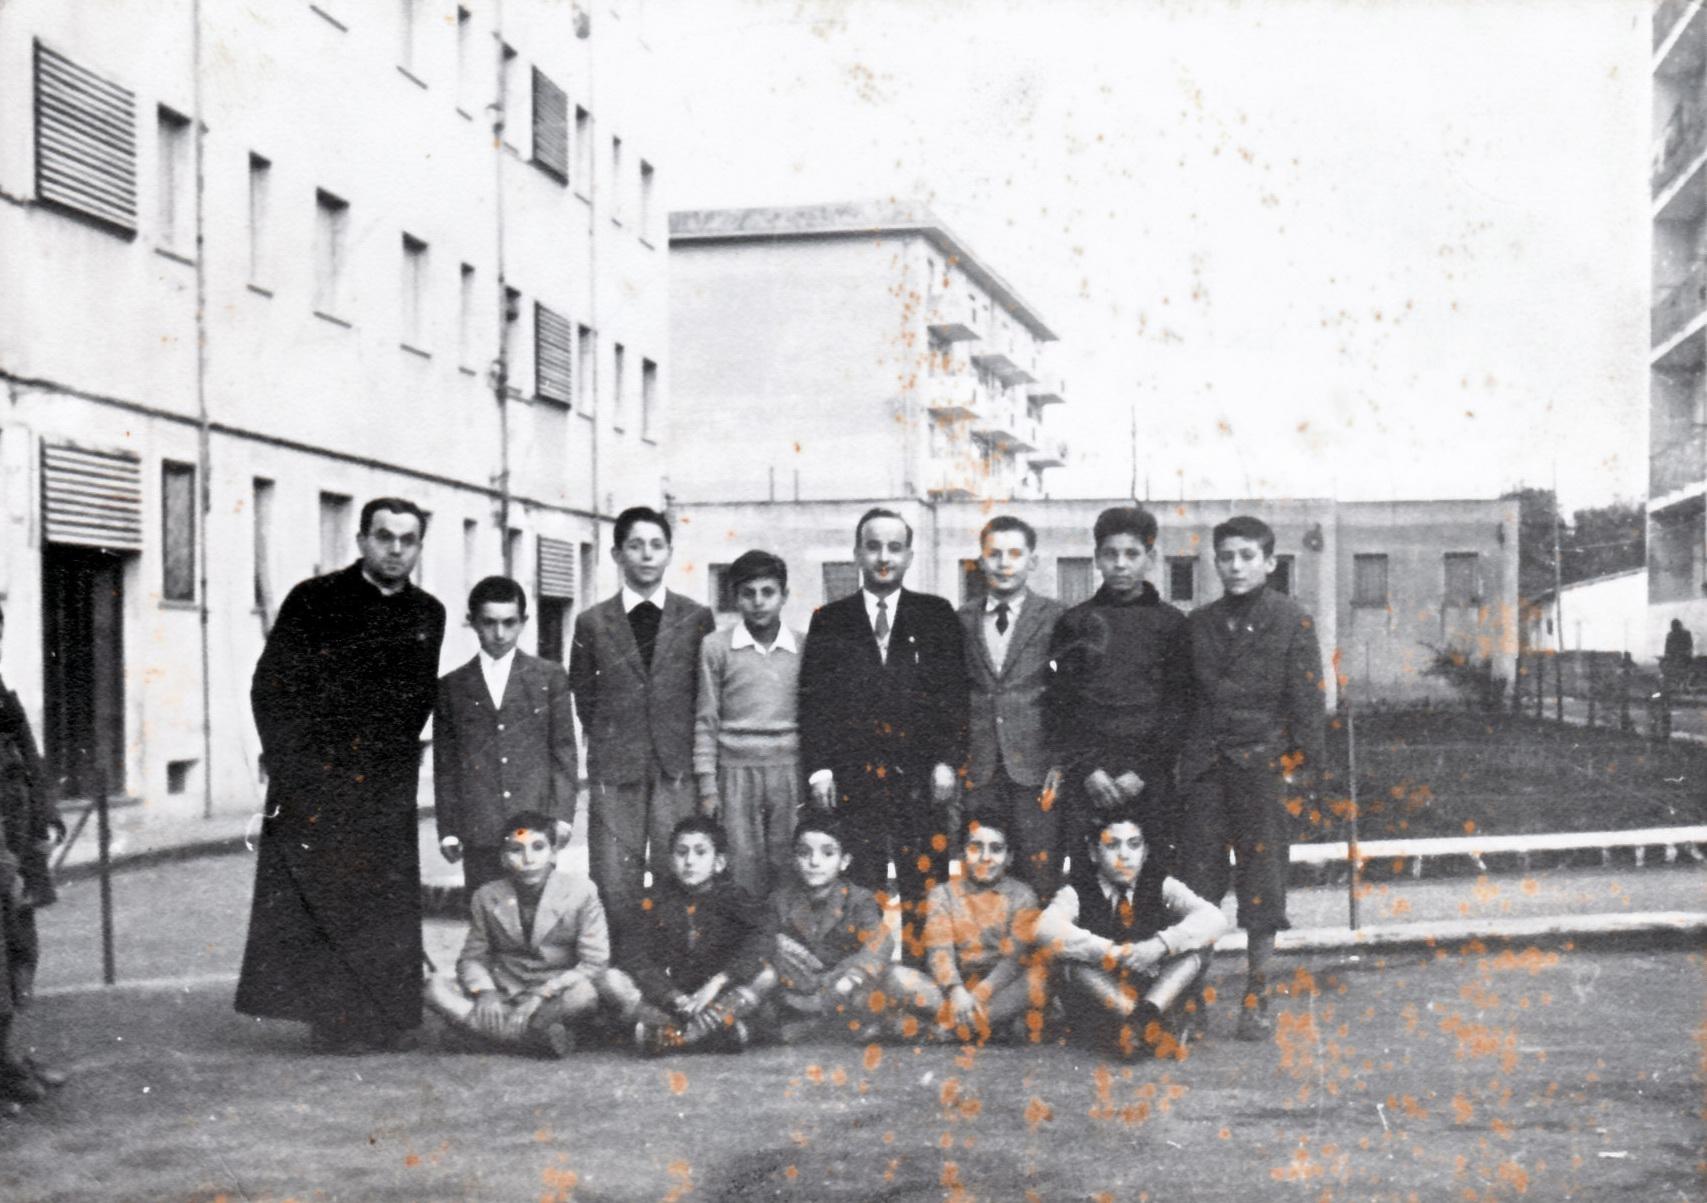 """""""Anno 1956: albori del coro 'Pueri Cantores'. Il sacerdote è l'indimenticato e indimenticabile don Ciro Donnarumma; il maestro è il prof. Antonio Gentile fattosi anche lui prete successivamente. Io sono al centro dei 5 seduti per terra (faceva un freddo cane). La circostanza è uno dei giorni della novena mattutina all'IMMACOLATA subito dopo la S.Messa. Naturalmente, siamo al Rione S. Marco e la """"chiesa"""" era ubicata nello scantinato della palazzina che si vede a sinistra. Il custode era don Antonio (non ricordo più il cognome) ed era colui che dava la voce 'Fratielle e surelle'. Provo a ricordare i nomi scusandomi con gli interessati se salto qualcuno: (da sinistra in alto) don Ciro,Gennaro Ricci, mio fratello Antonio, Antonio Amato, il M° Gentile, ? Esposito. Carlo Salerno,Vincenzo Casulli; (seduti da sinistra): ? ?, Raffaele Giordano, io, Antonio Guarracino, ? ?. Saluti a tutti i liberoricercatori"""". Remigio Russo."""